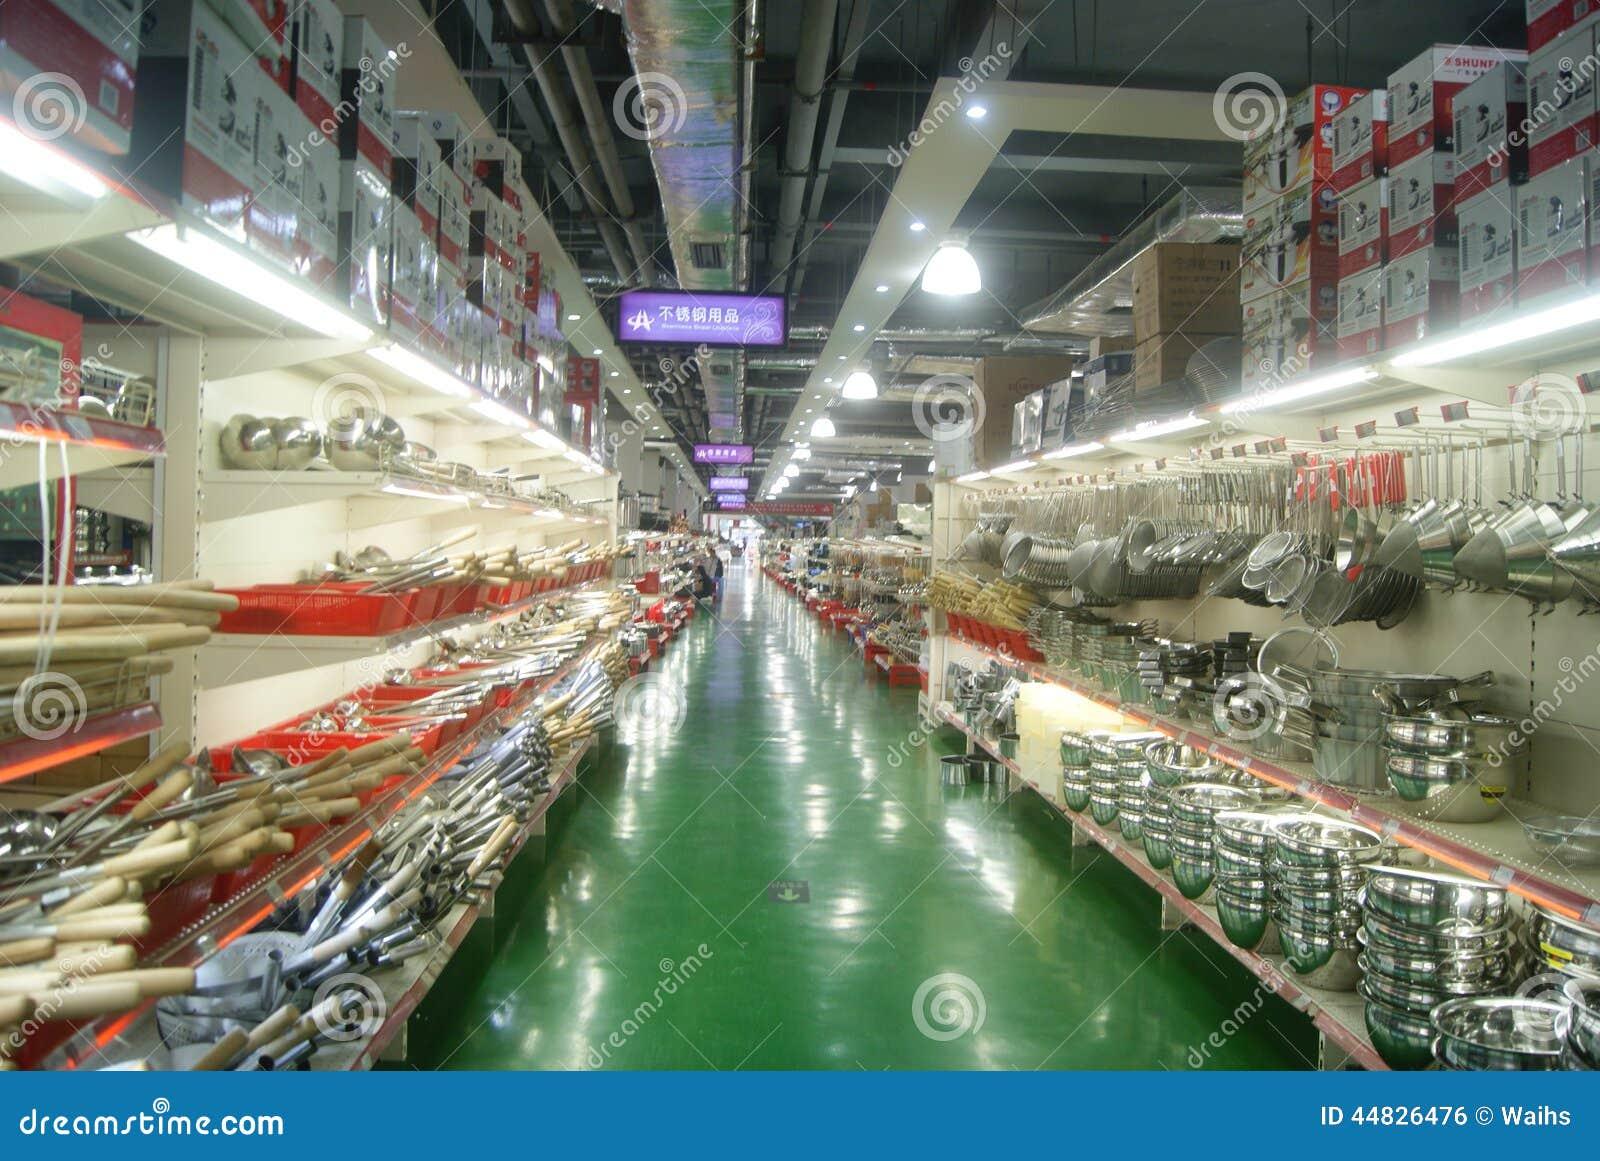 Kitchen Supplies Store | Shenzhen China Kitchen Supplies Store Editorial Photo Image Of